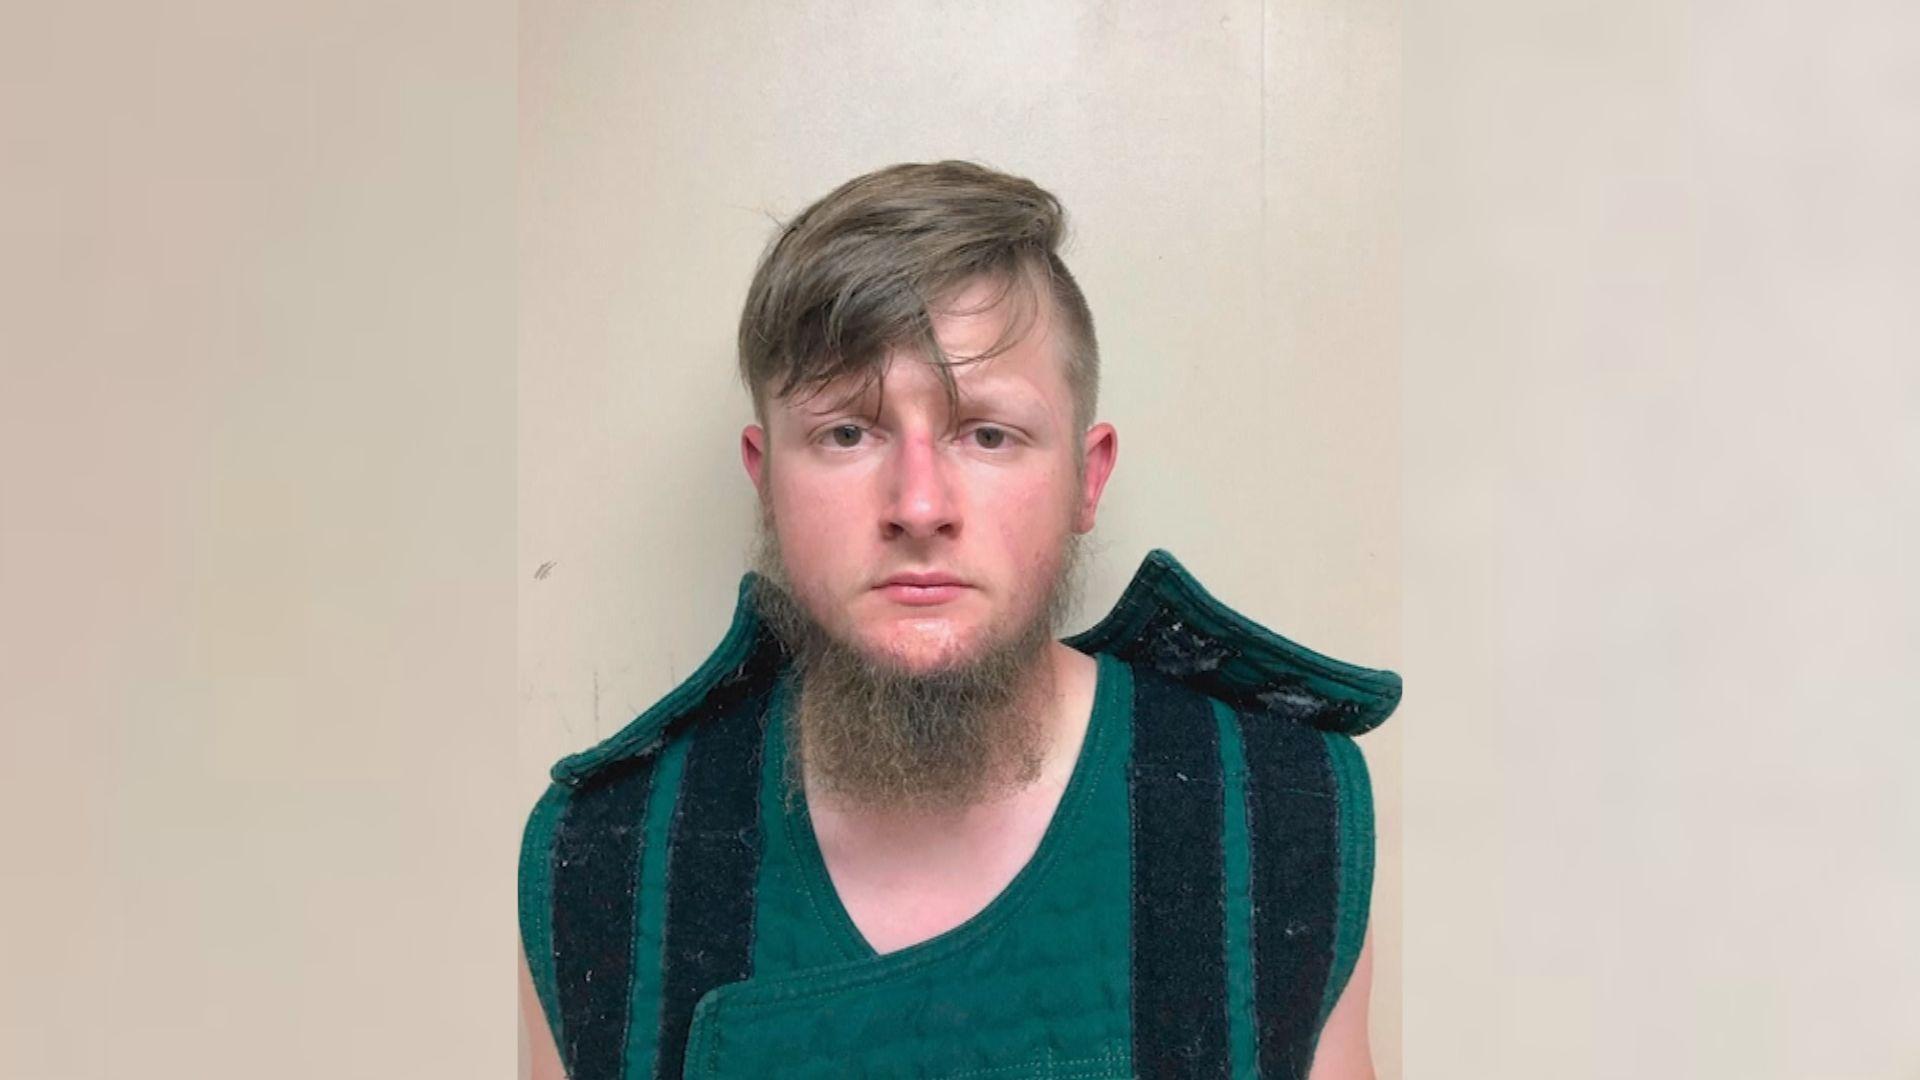 美國佐治亞州槍擊案疑犯被起訴八項謀殺罪